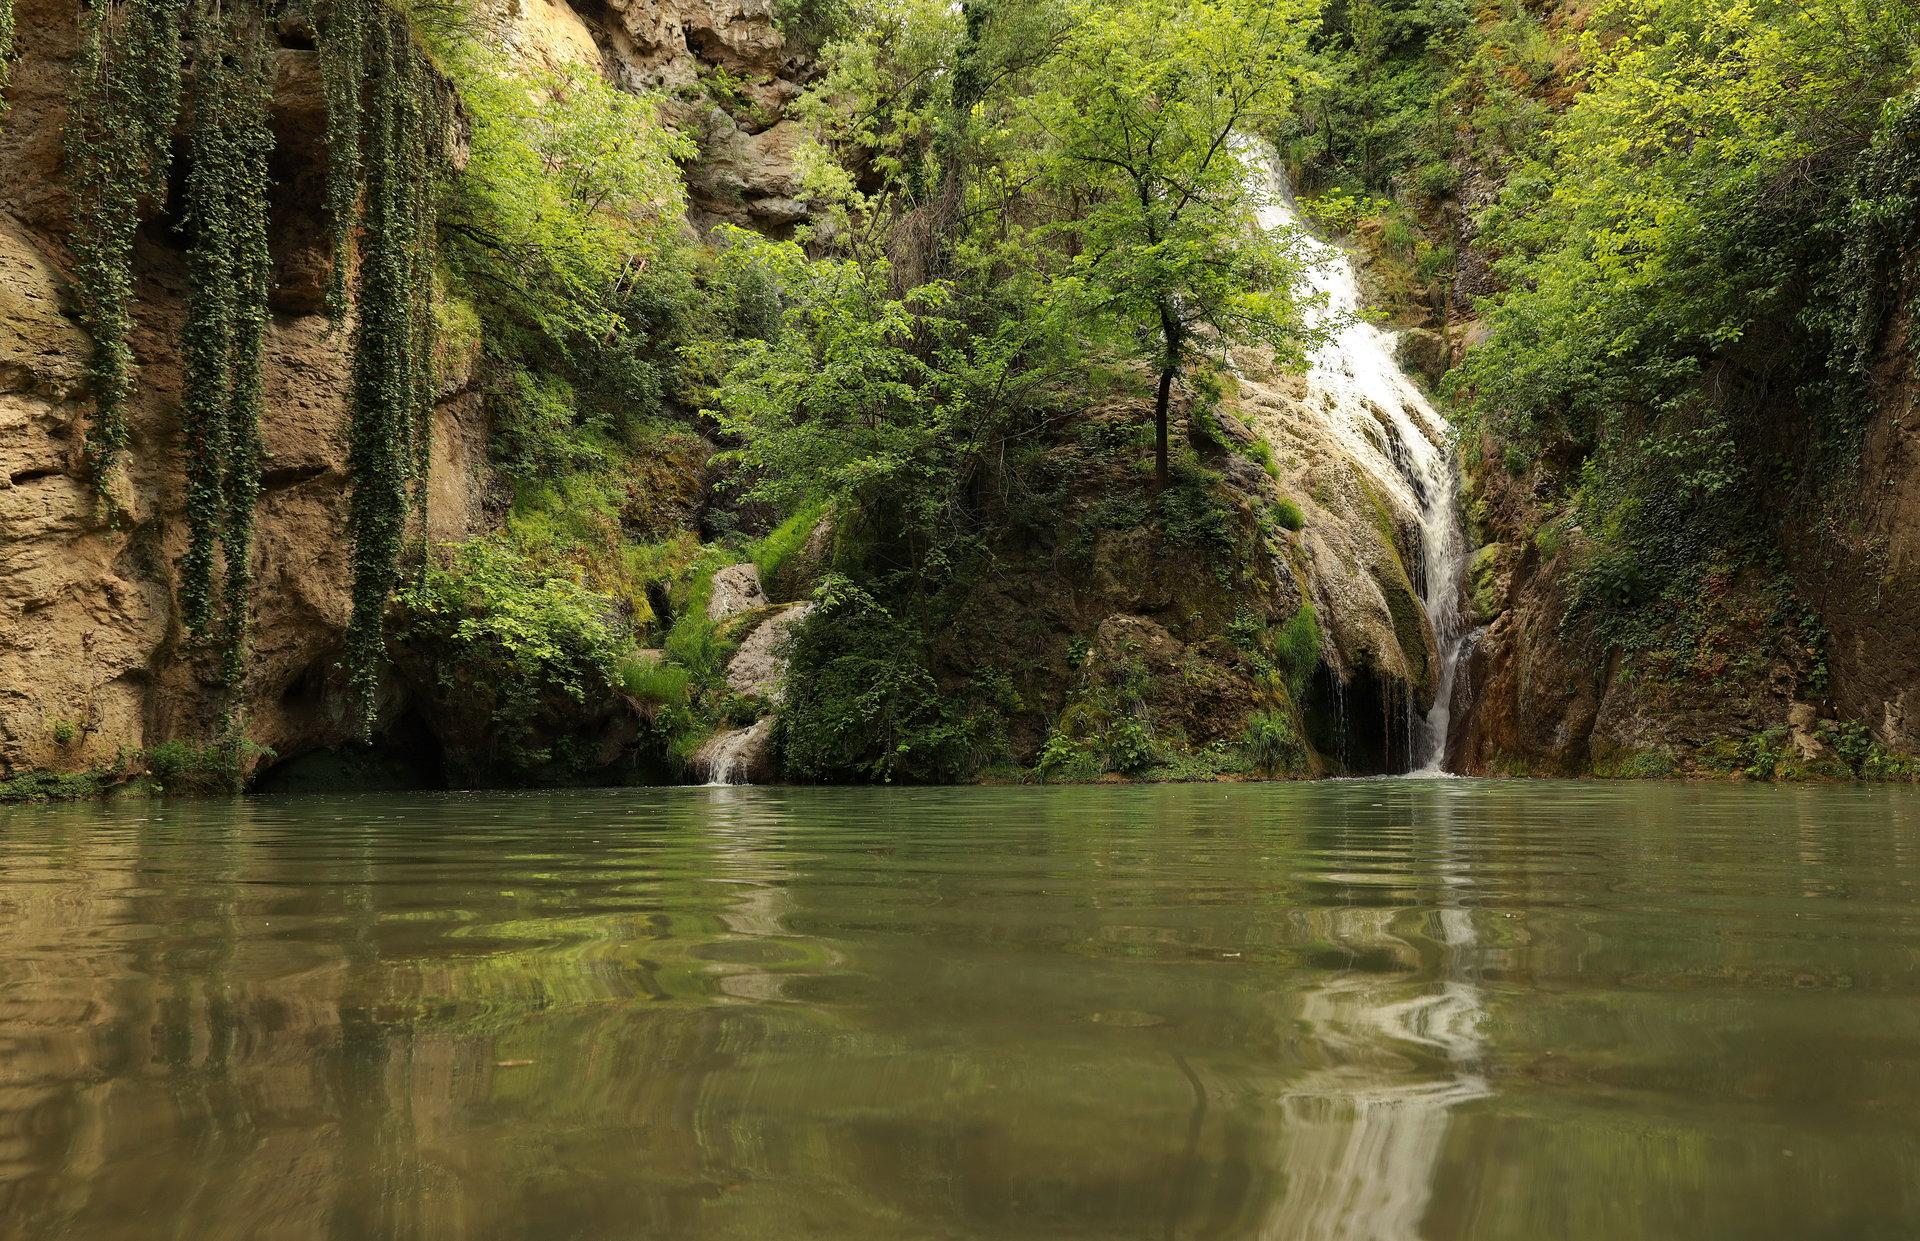 Хотнишки водопад   Author Николай Колев - aticank   PHOTO FORUM